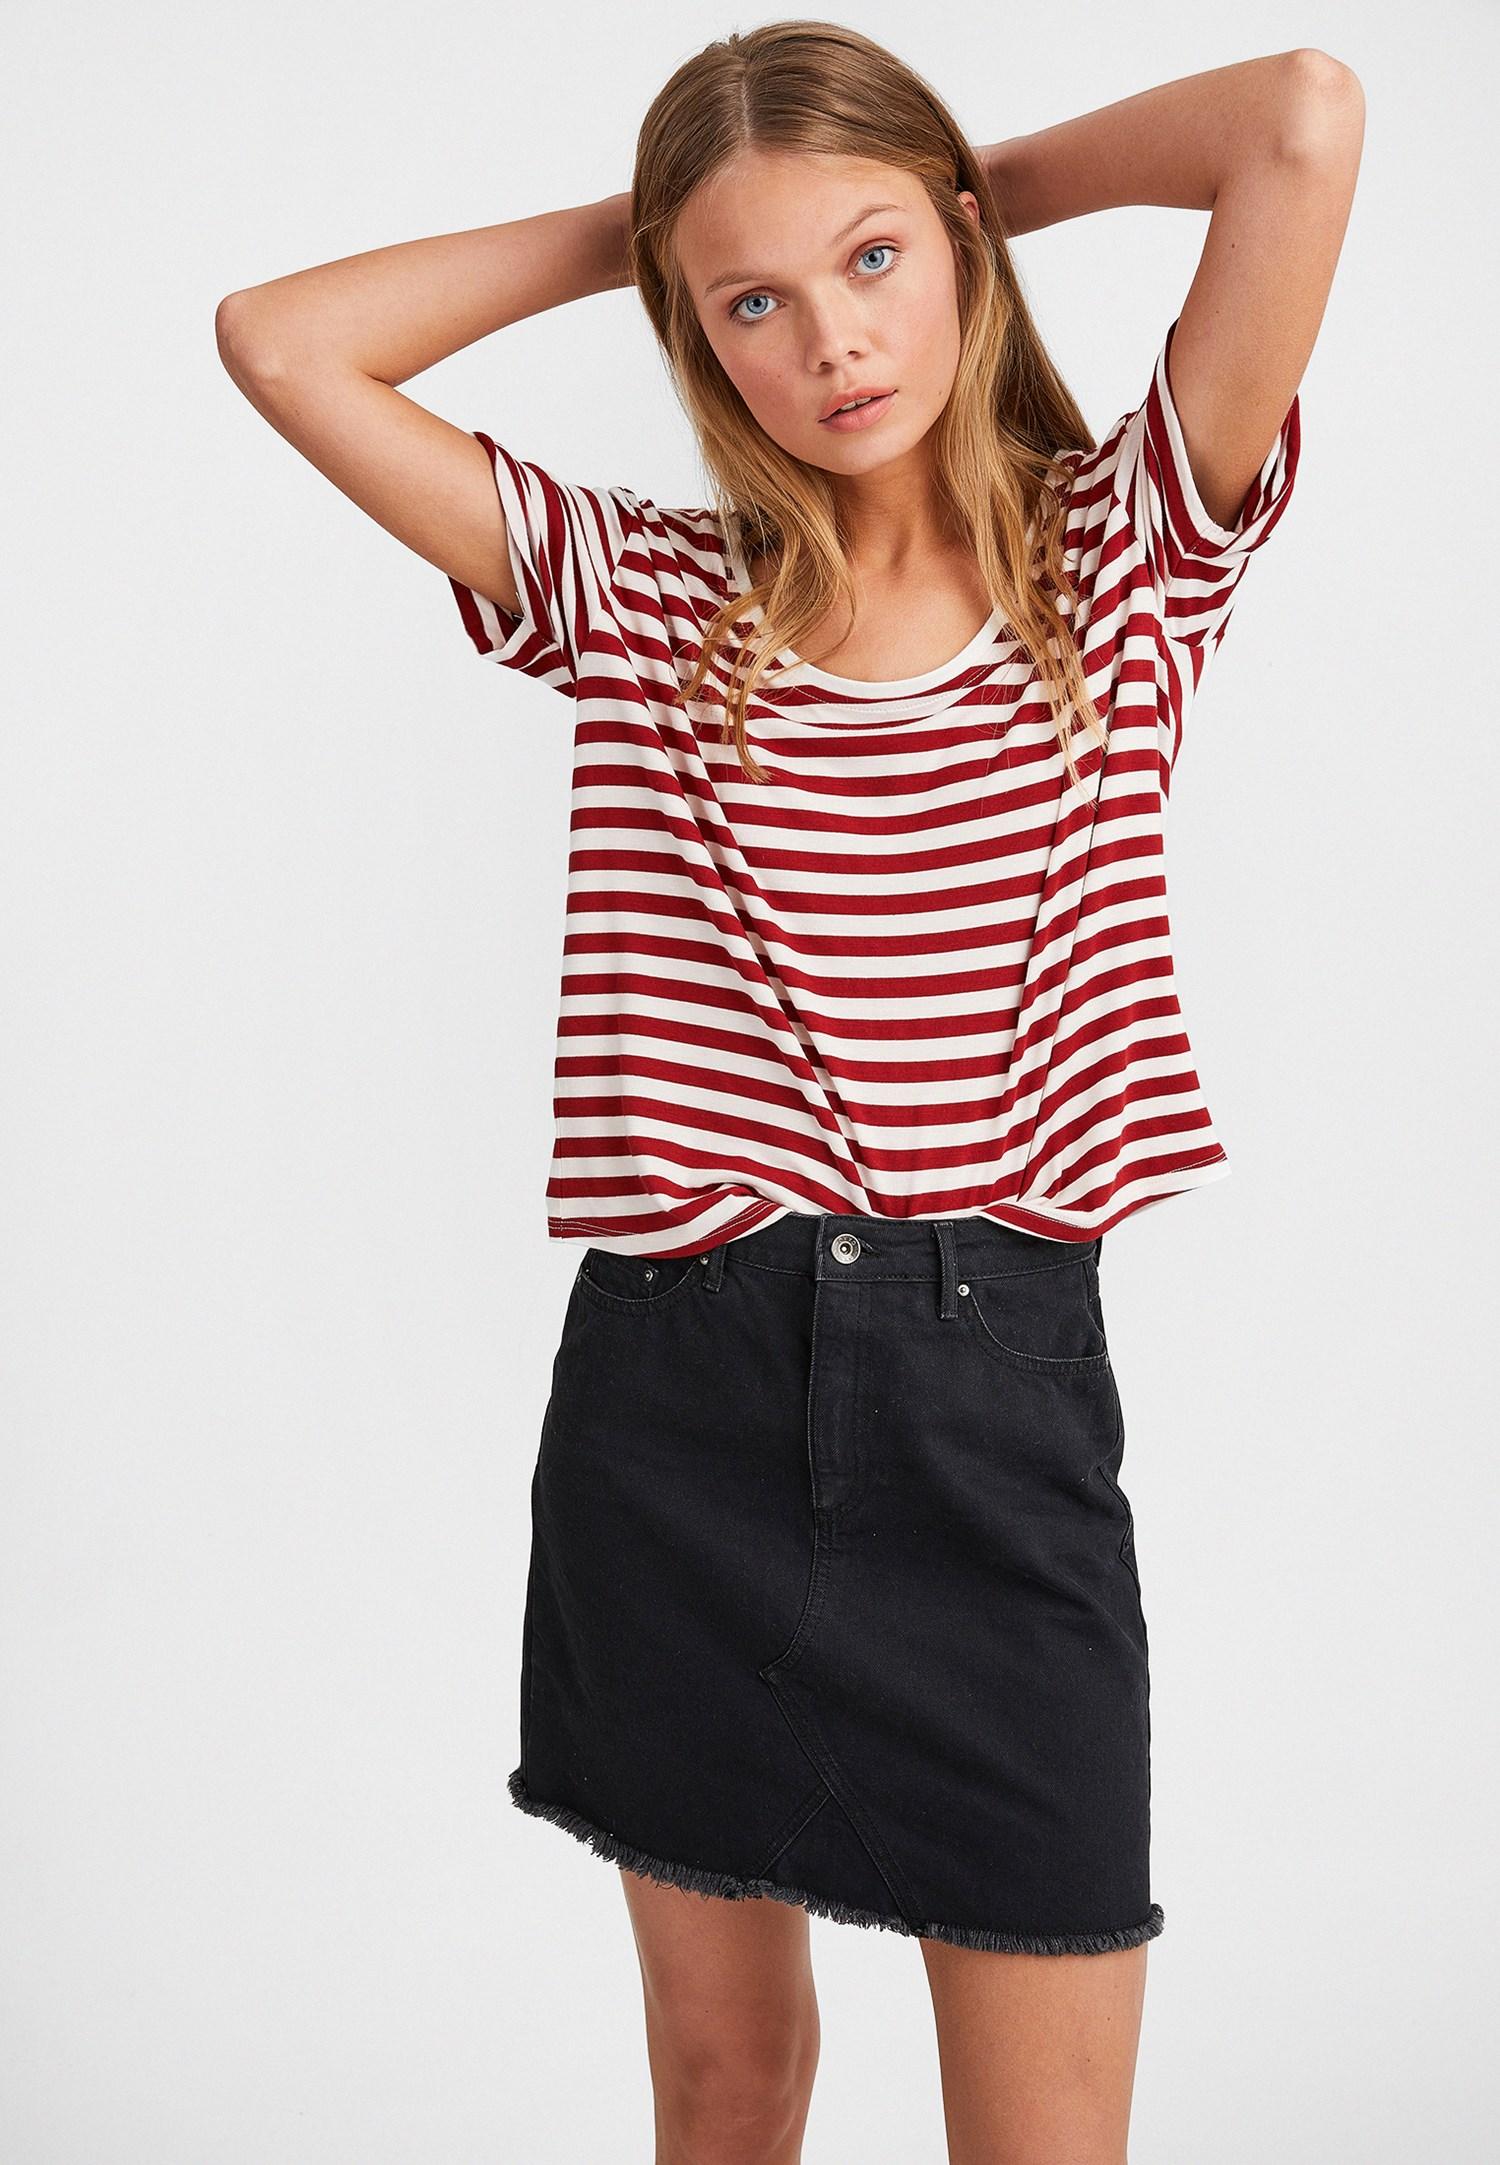 Bayan Çok Renkli U Yaka Çizgi Desenli Tişört